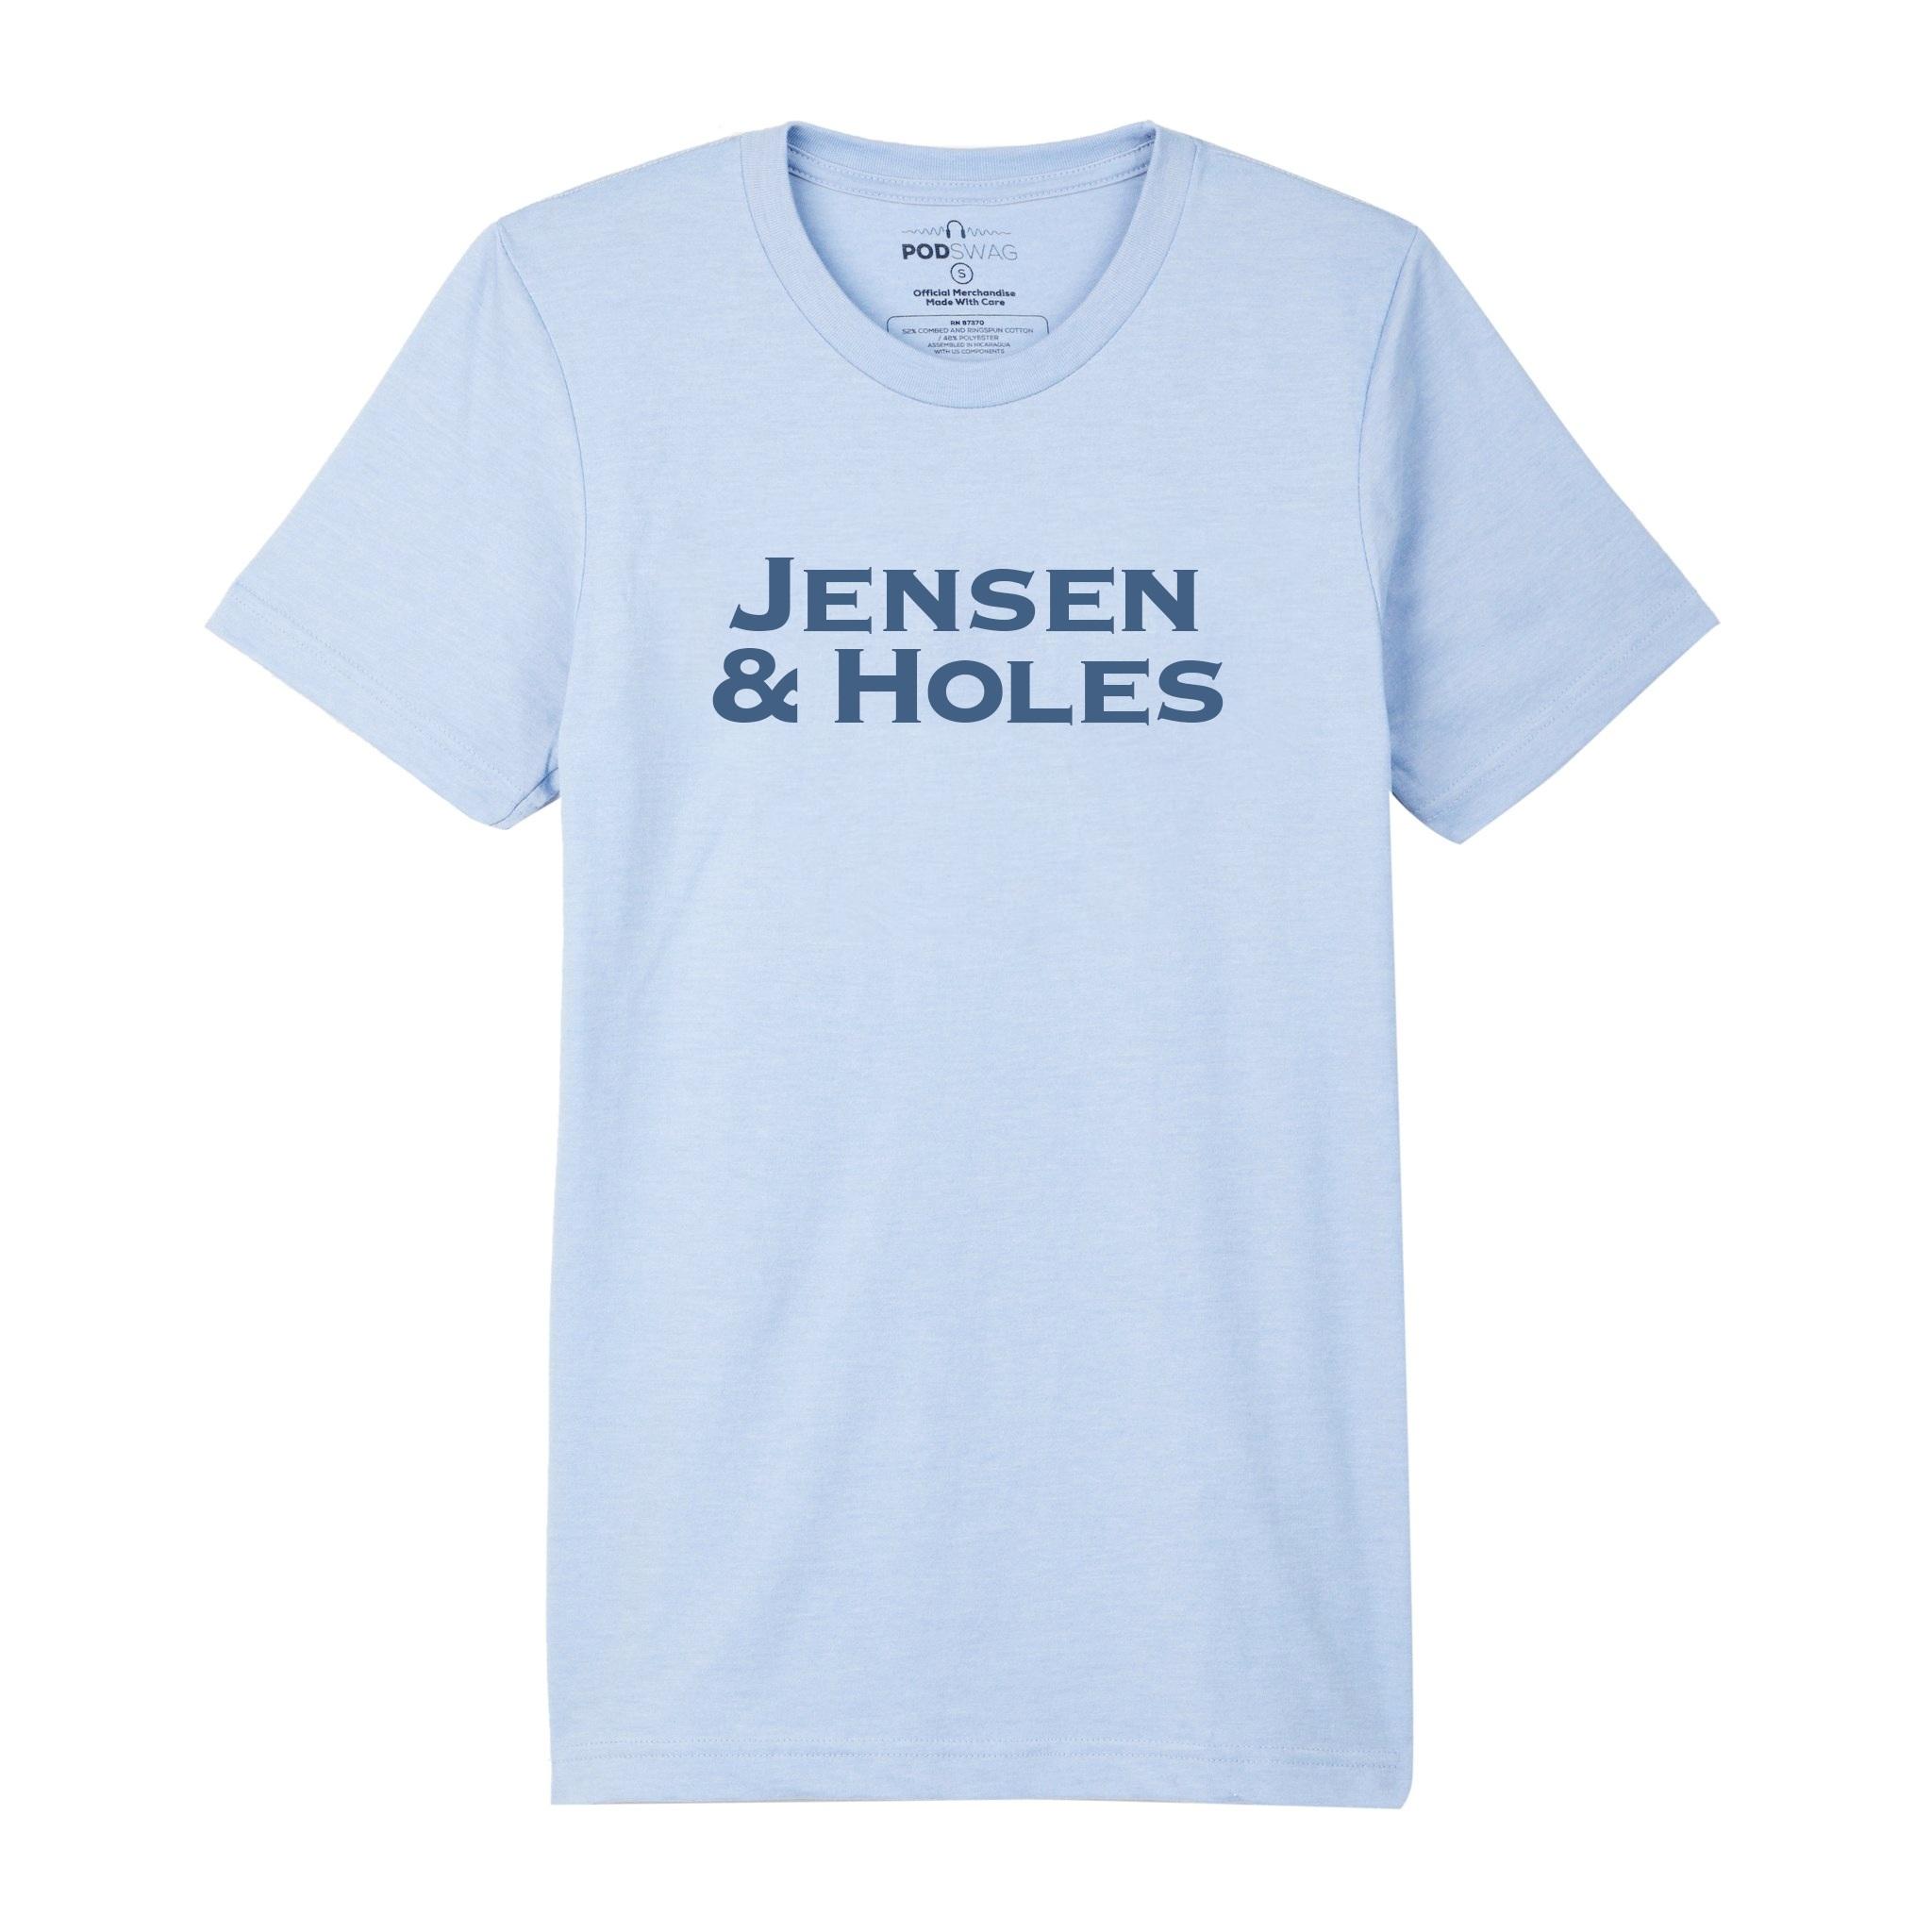 Jensen & Holes Surnames T-shirt $25